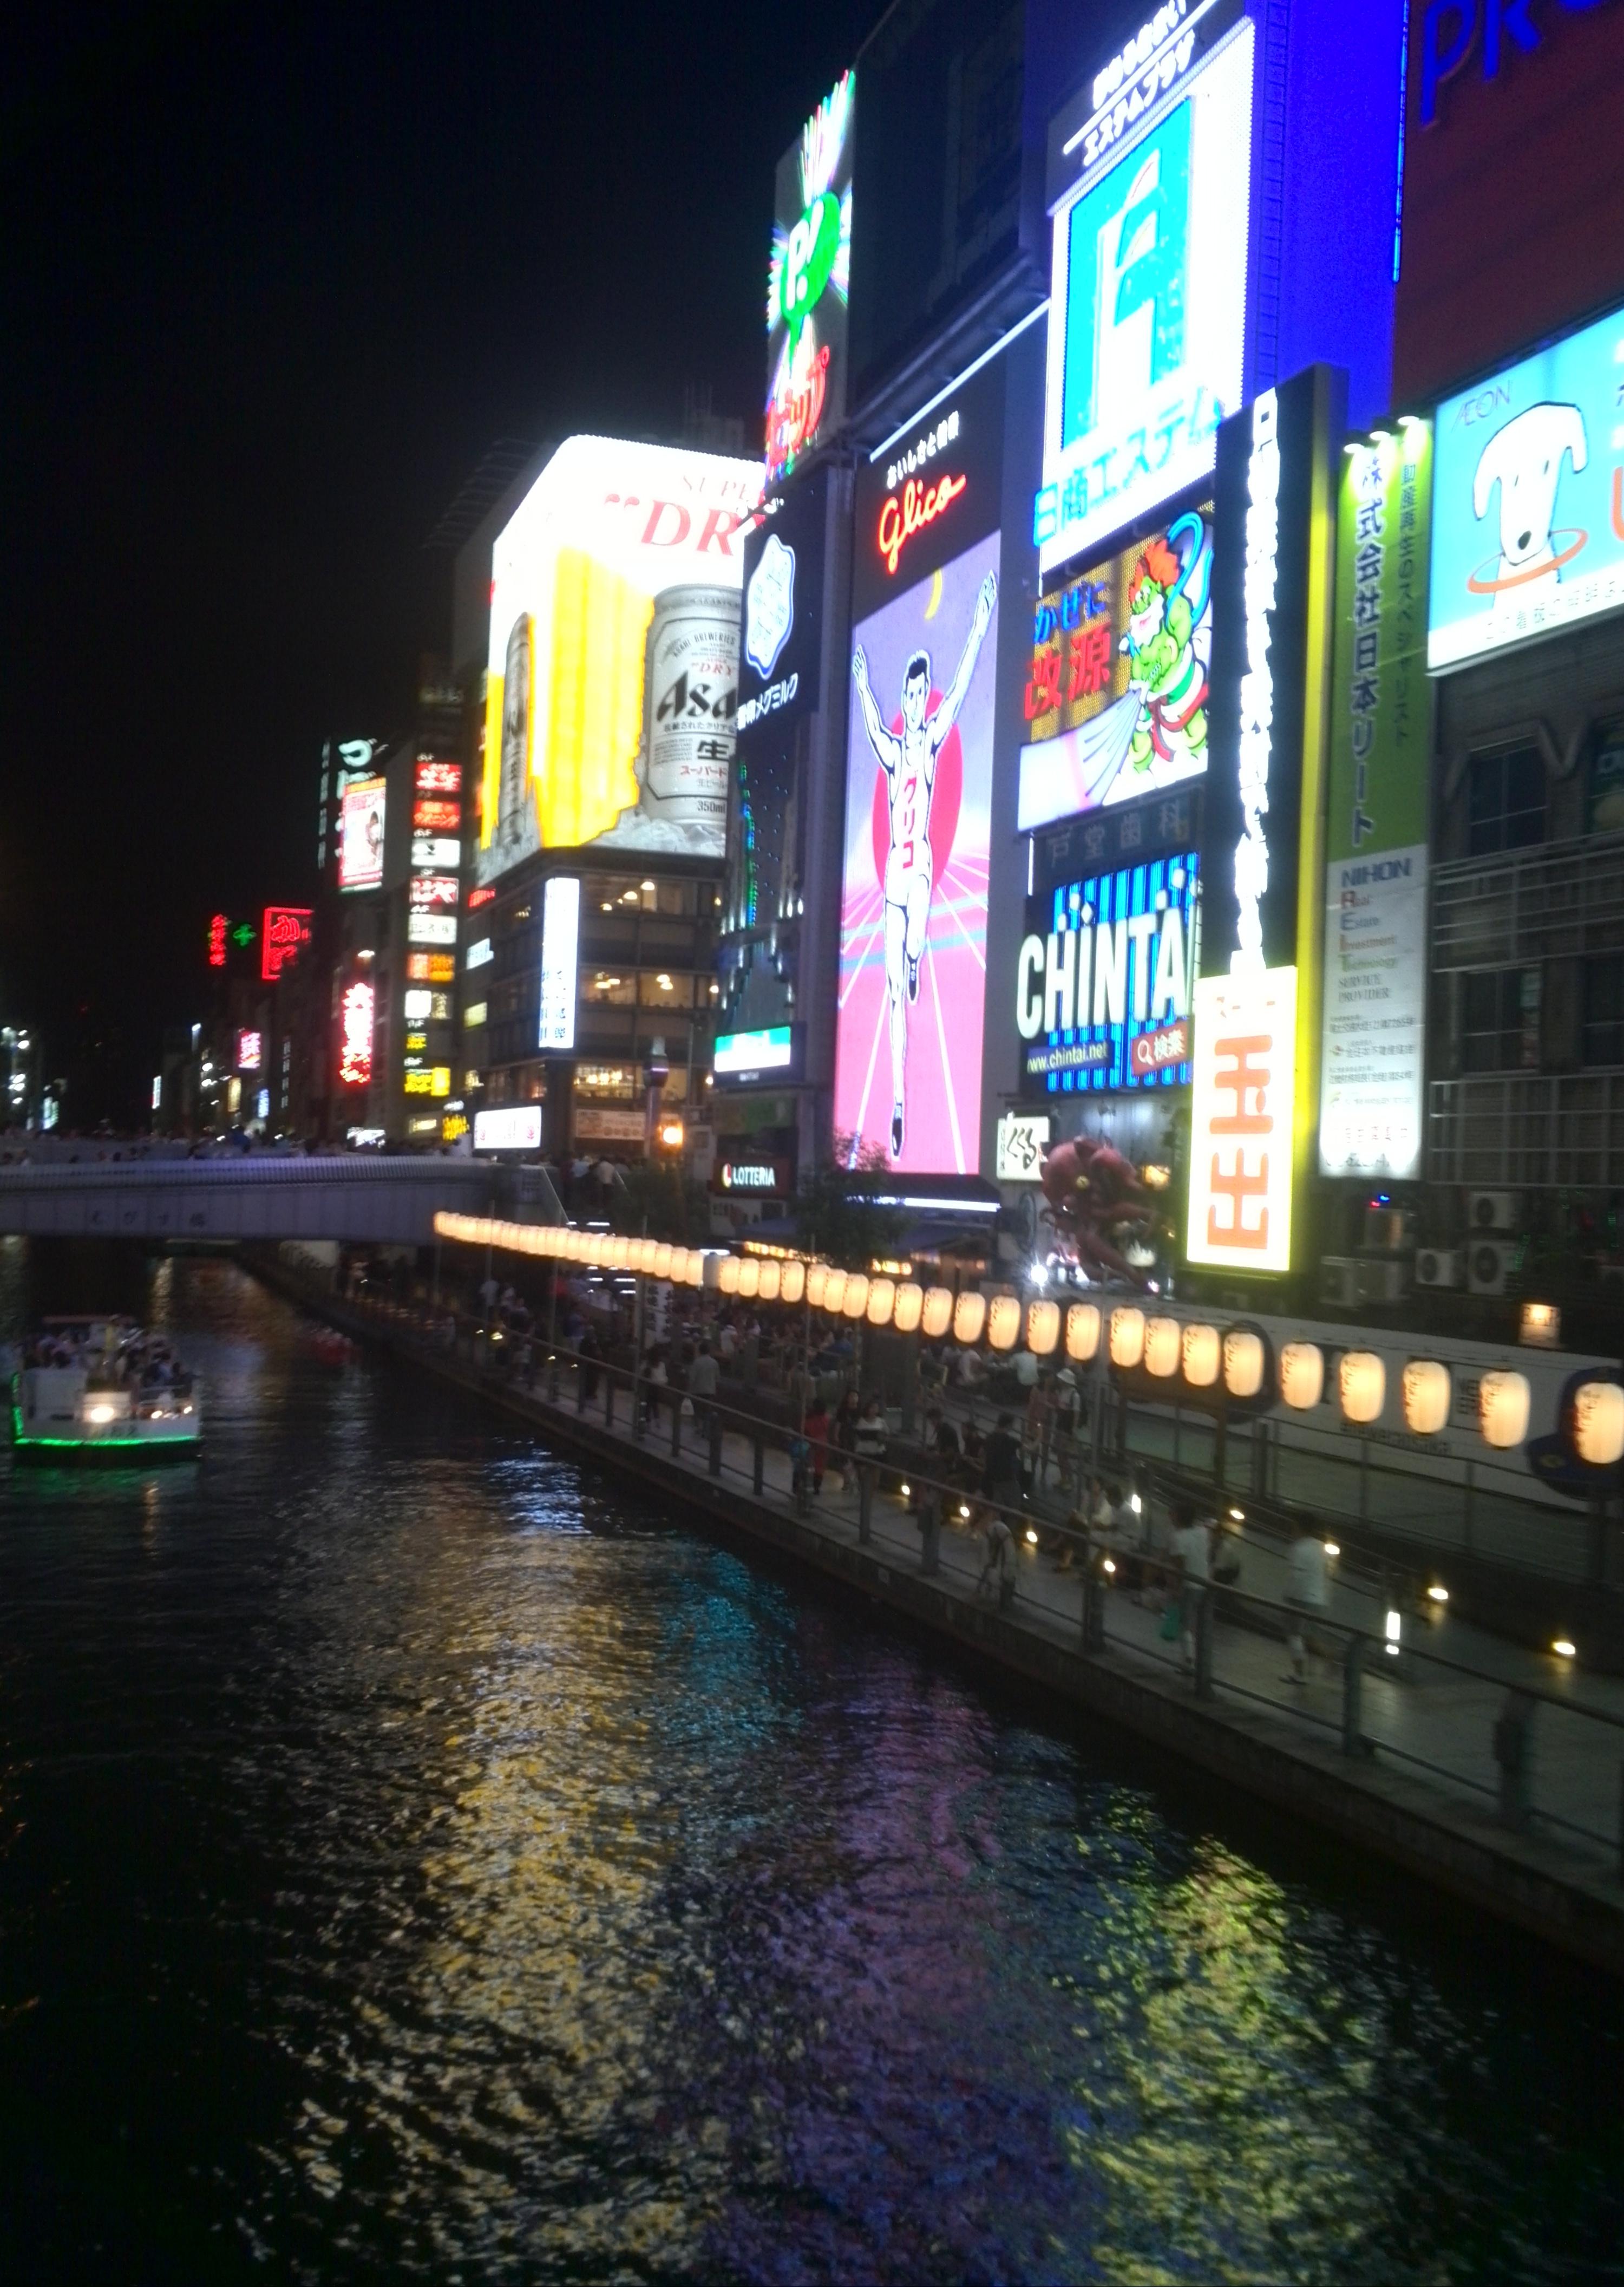 大阪の道頓堀はまさに眠らない夜の街